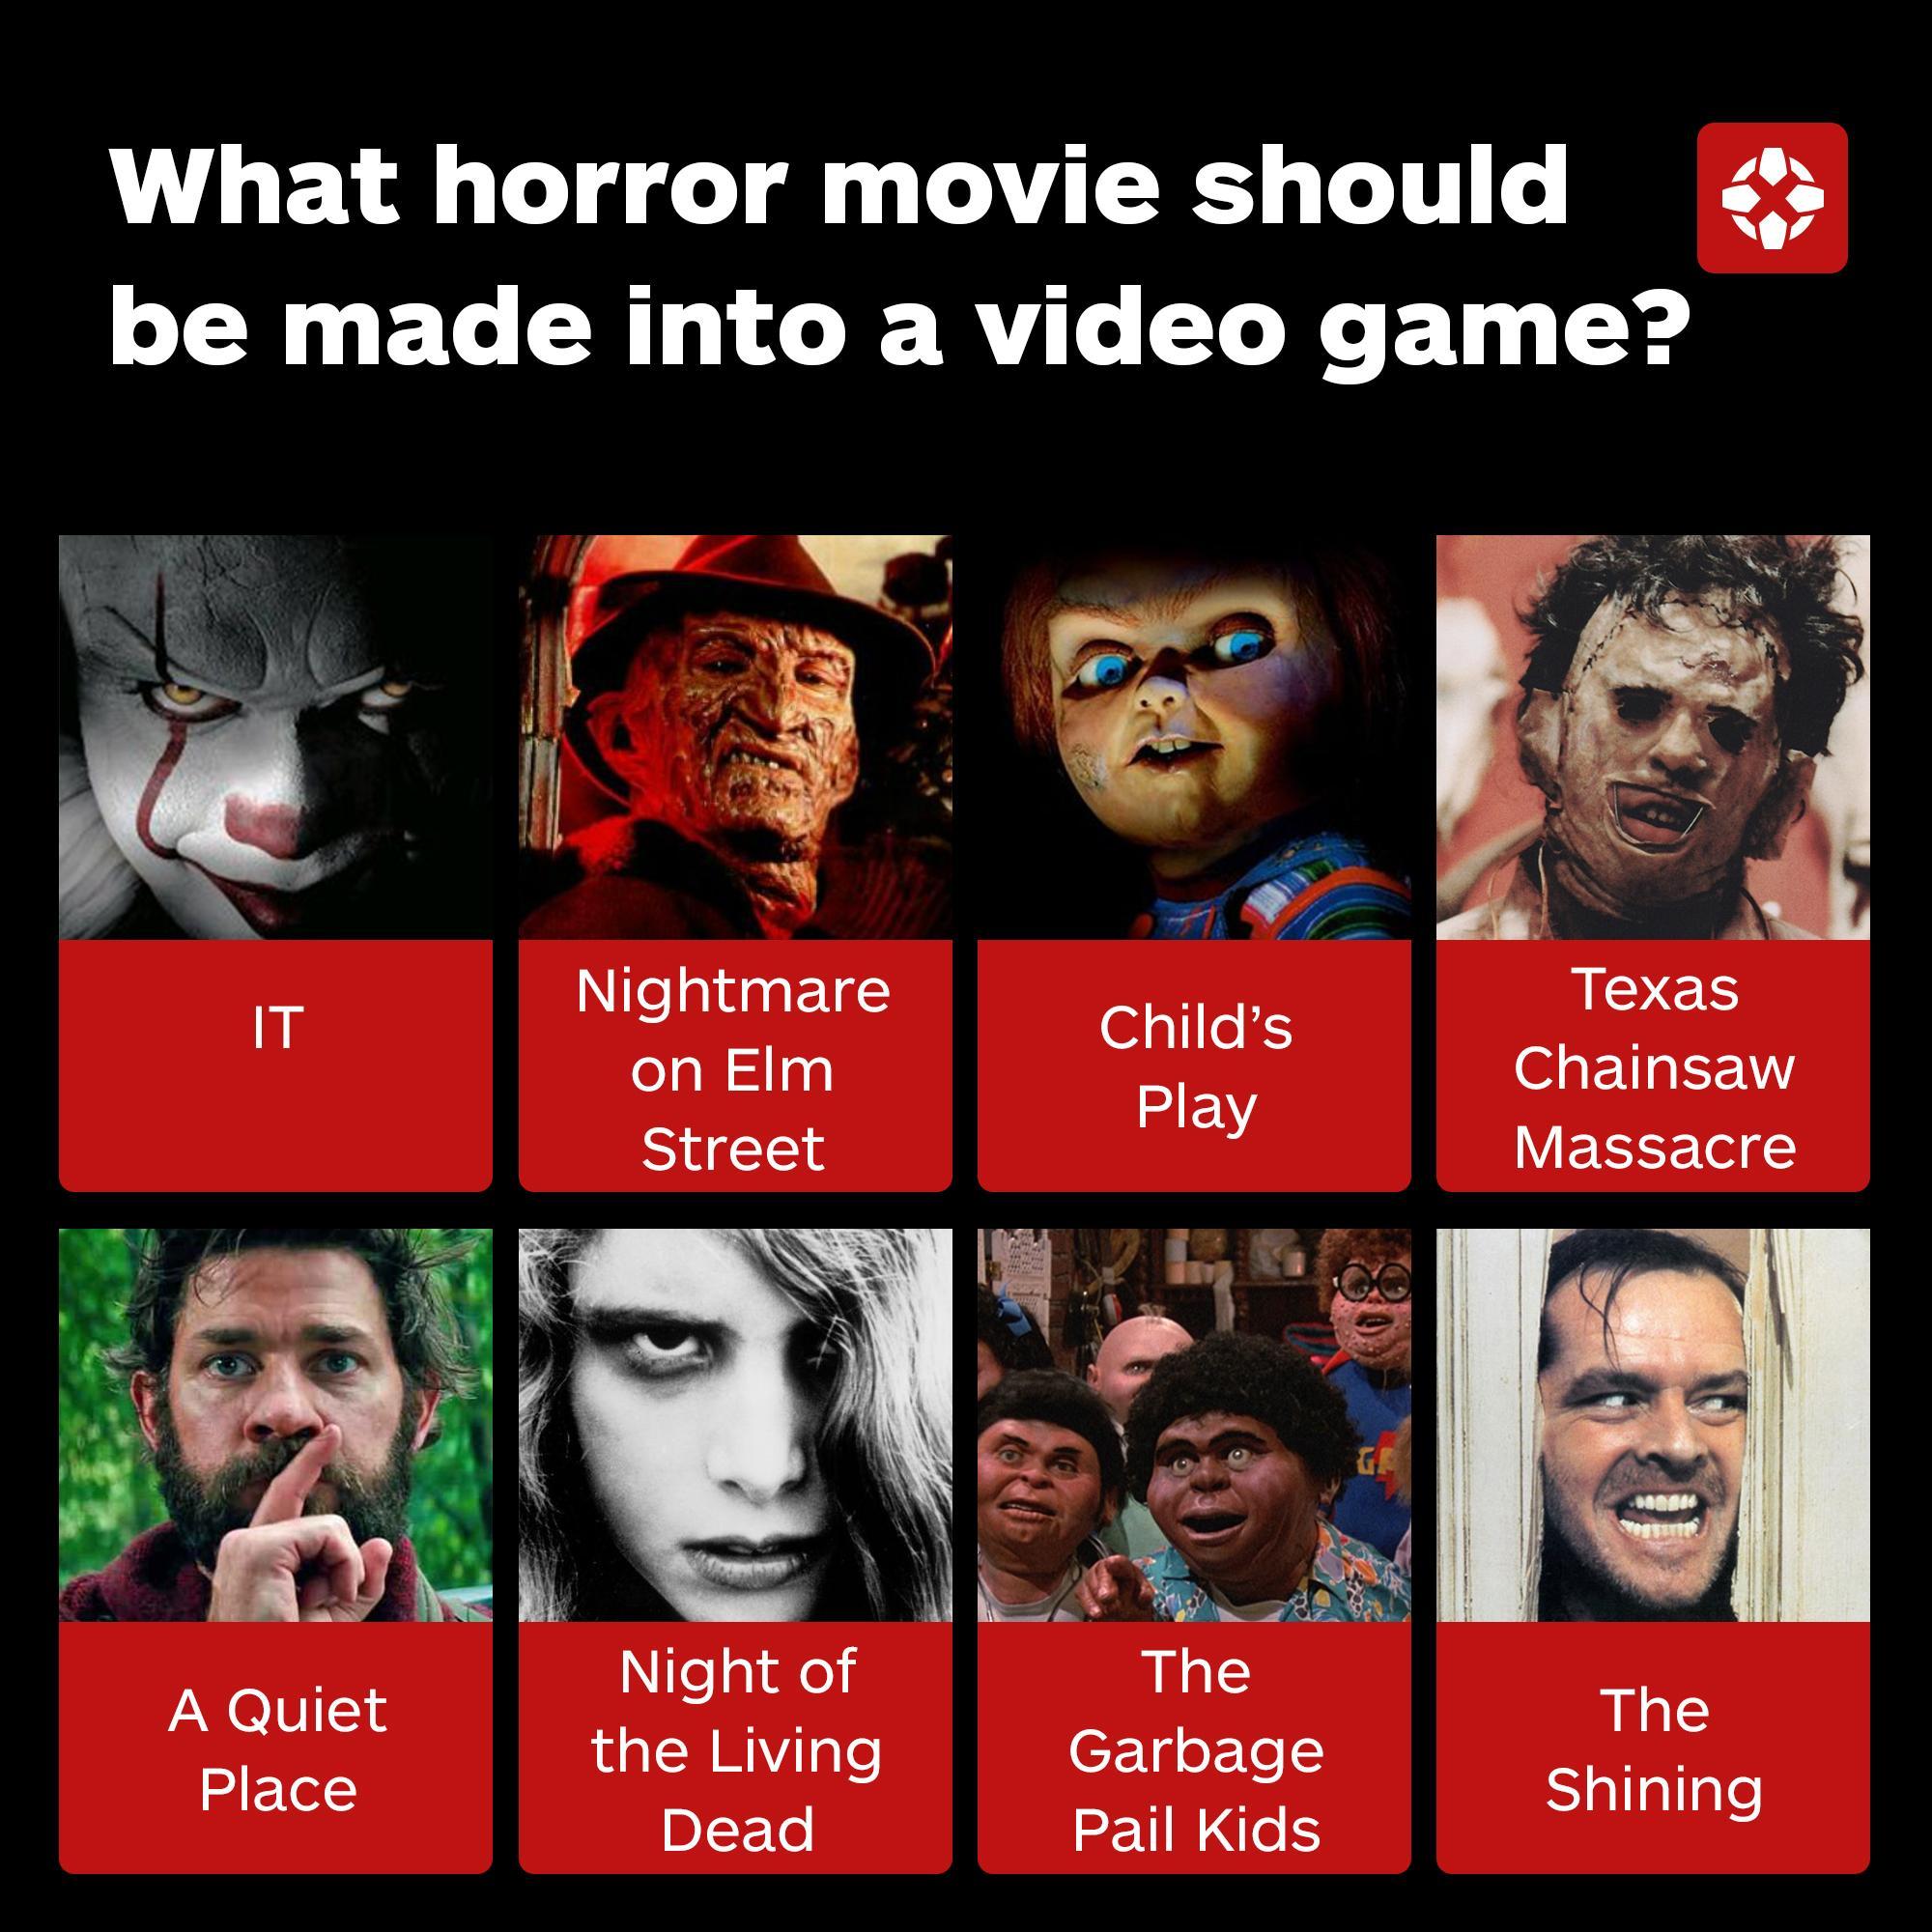 恐怖片回暖 IGN调查什么恐怖片该被改编成游戏